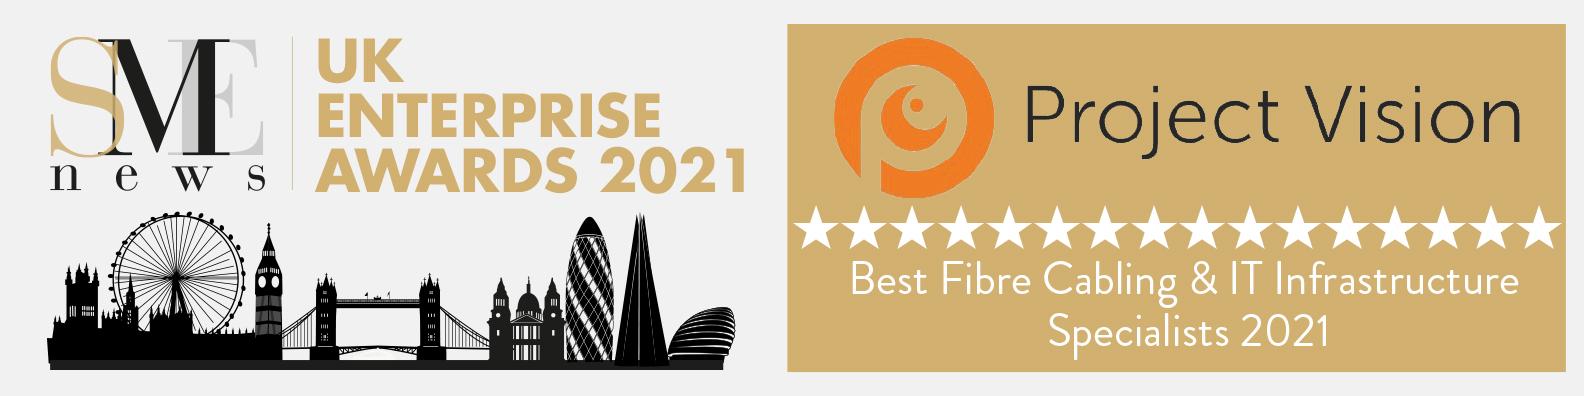 May21809 -SME NEWS UK ENTERPRISE Landscape Awards 2021